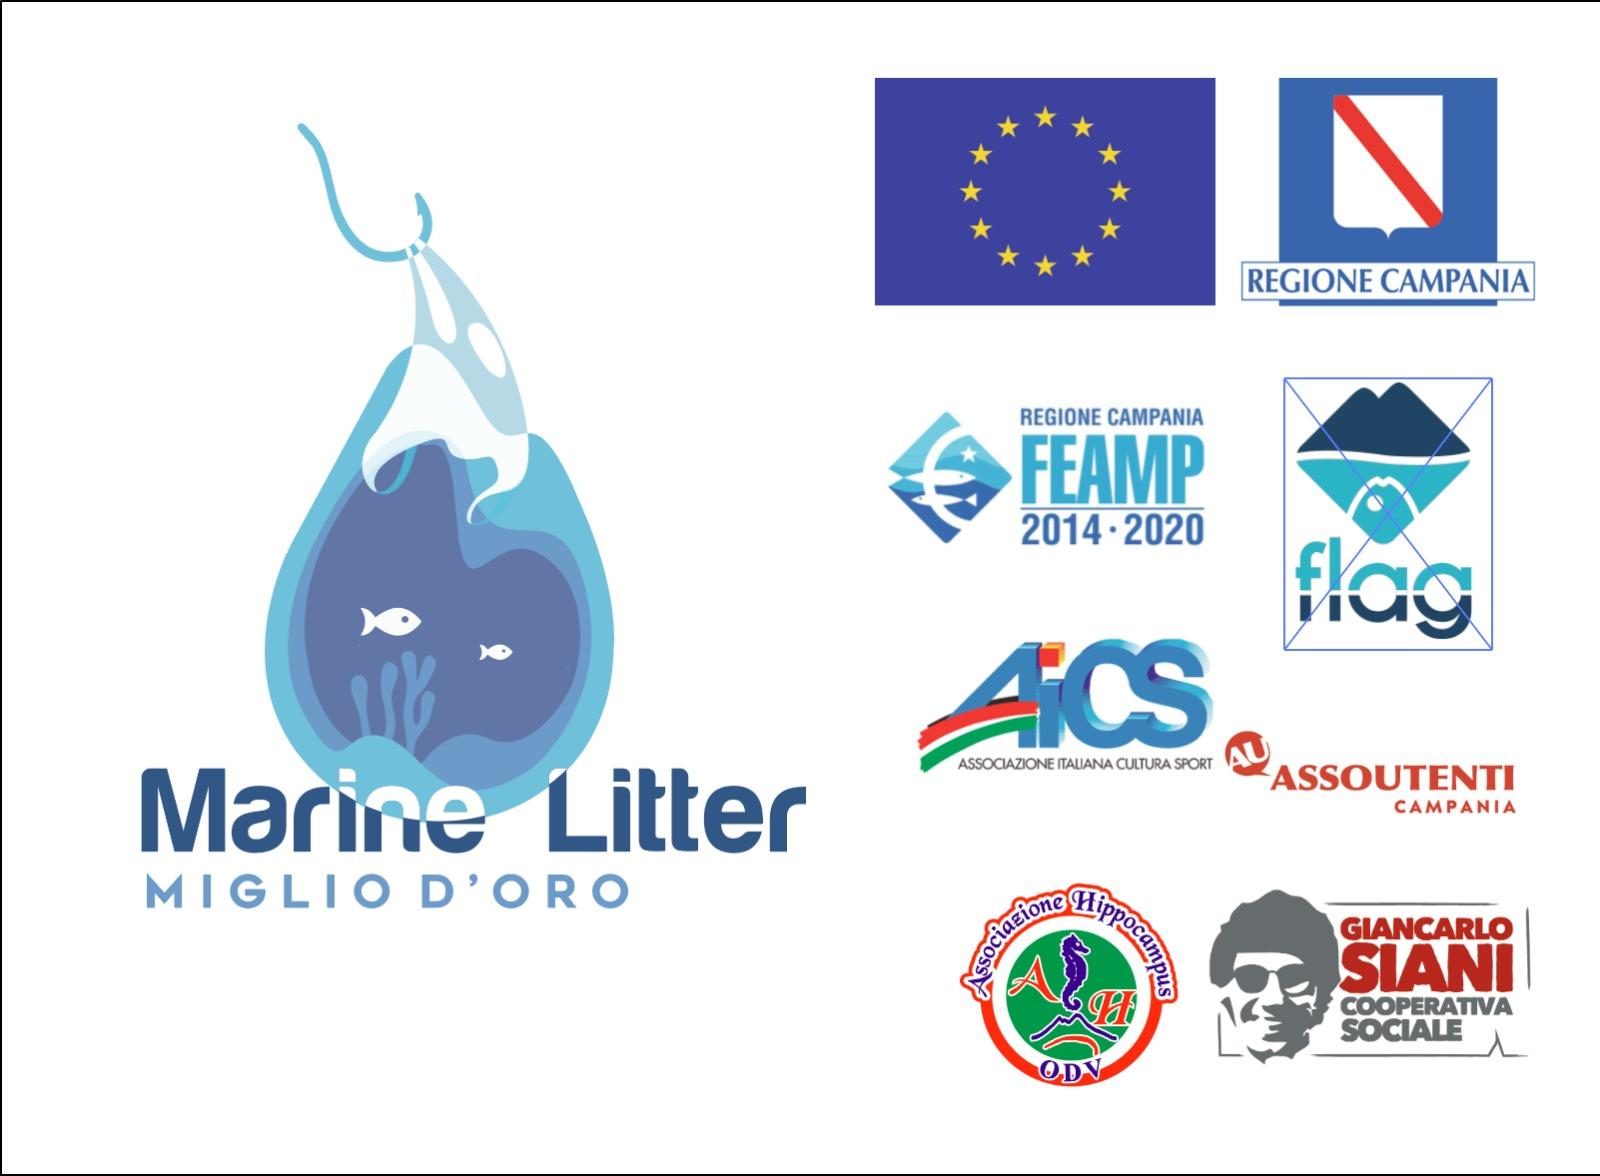 Marine Litter - progetto di salvaguardia del litorale del Miglio D'Oro